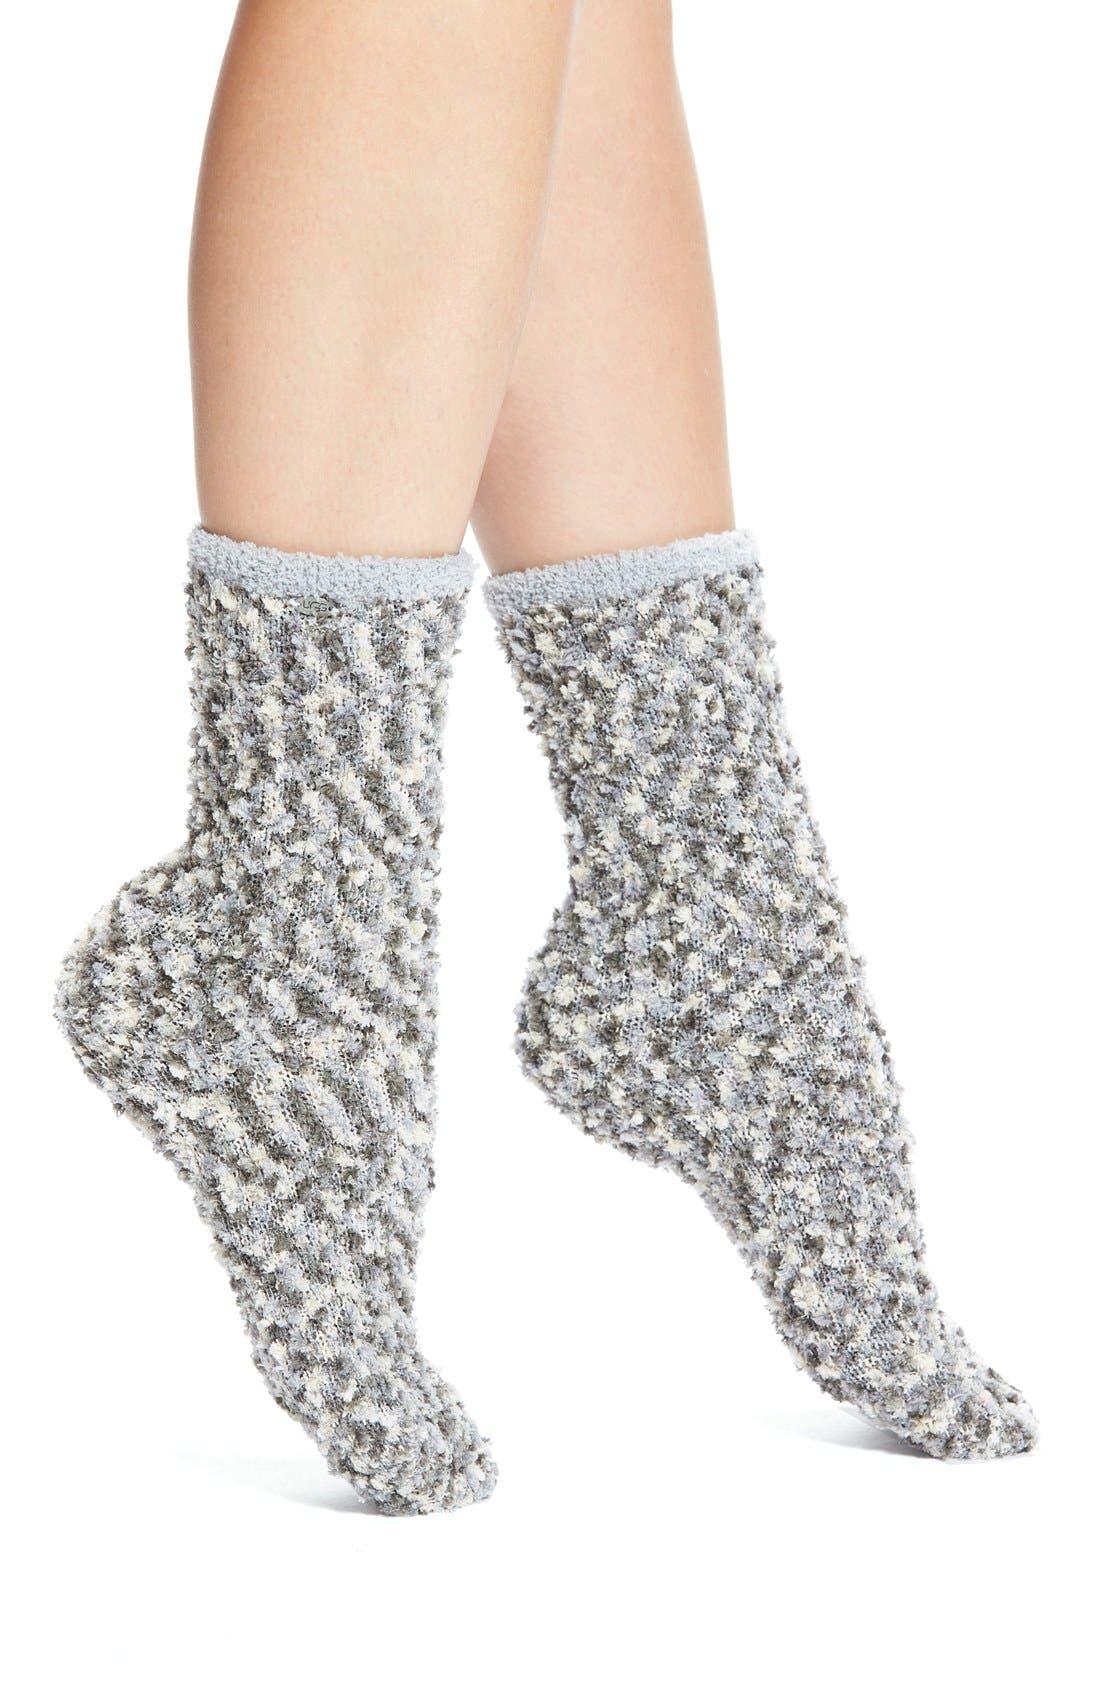 Australia Chenille Crew Socks,                         Main,                         color, 024